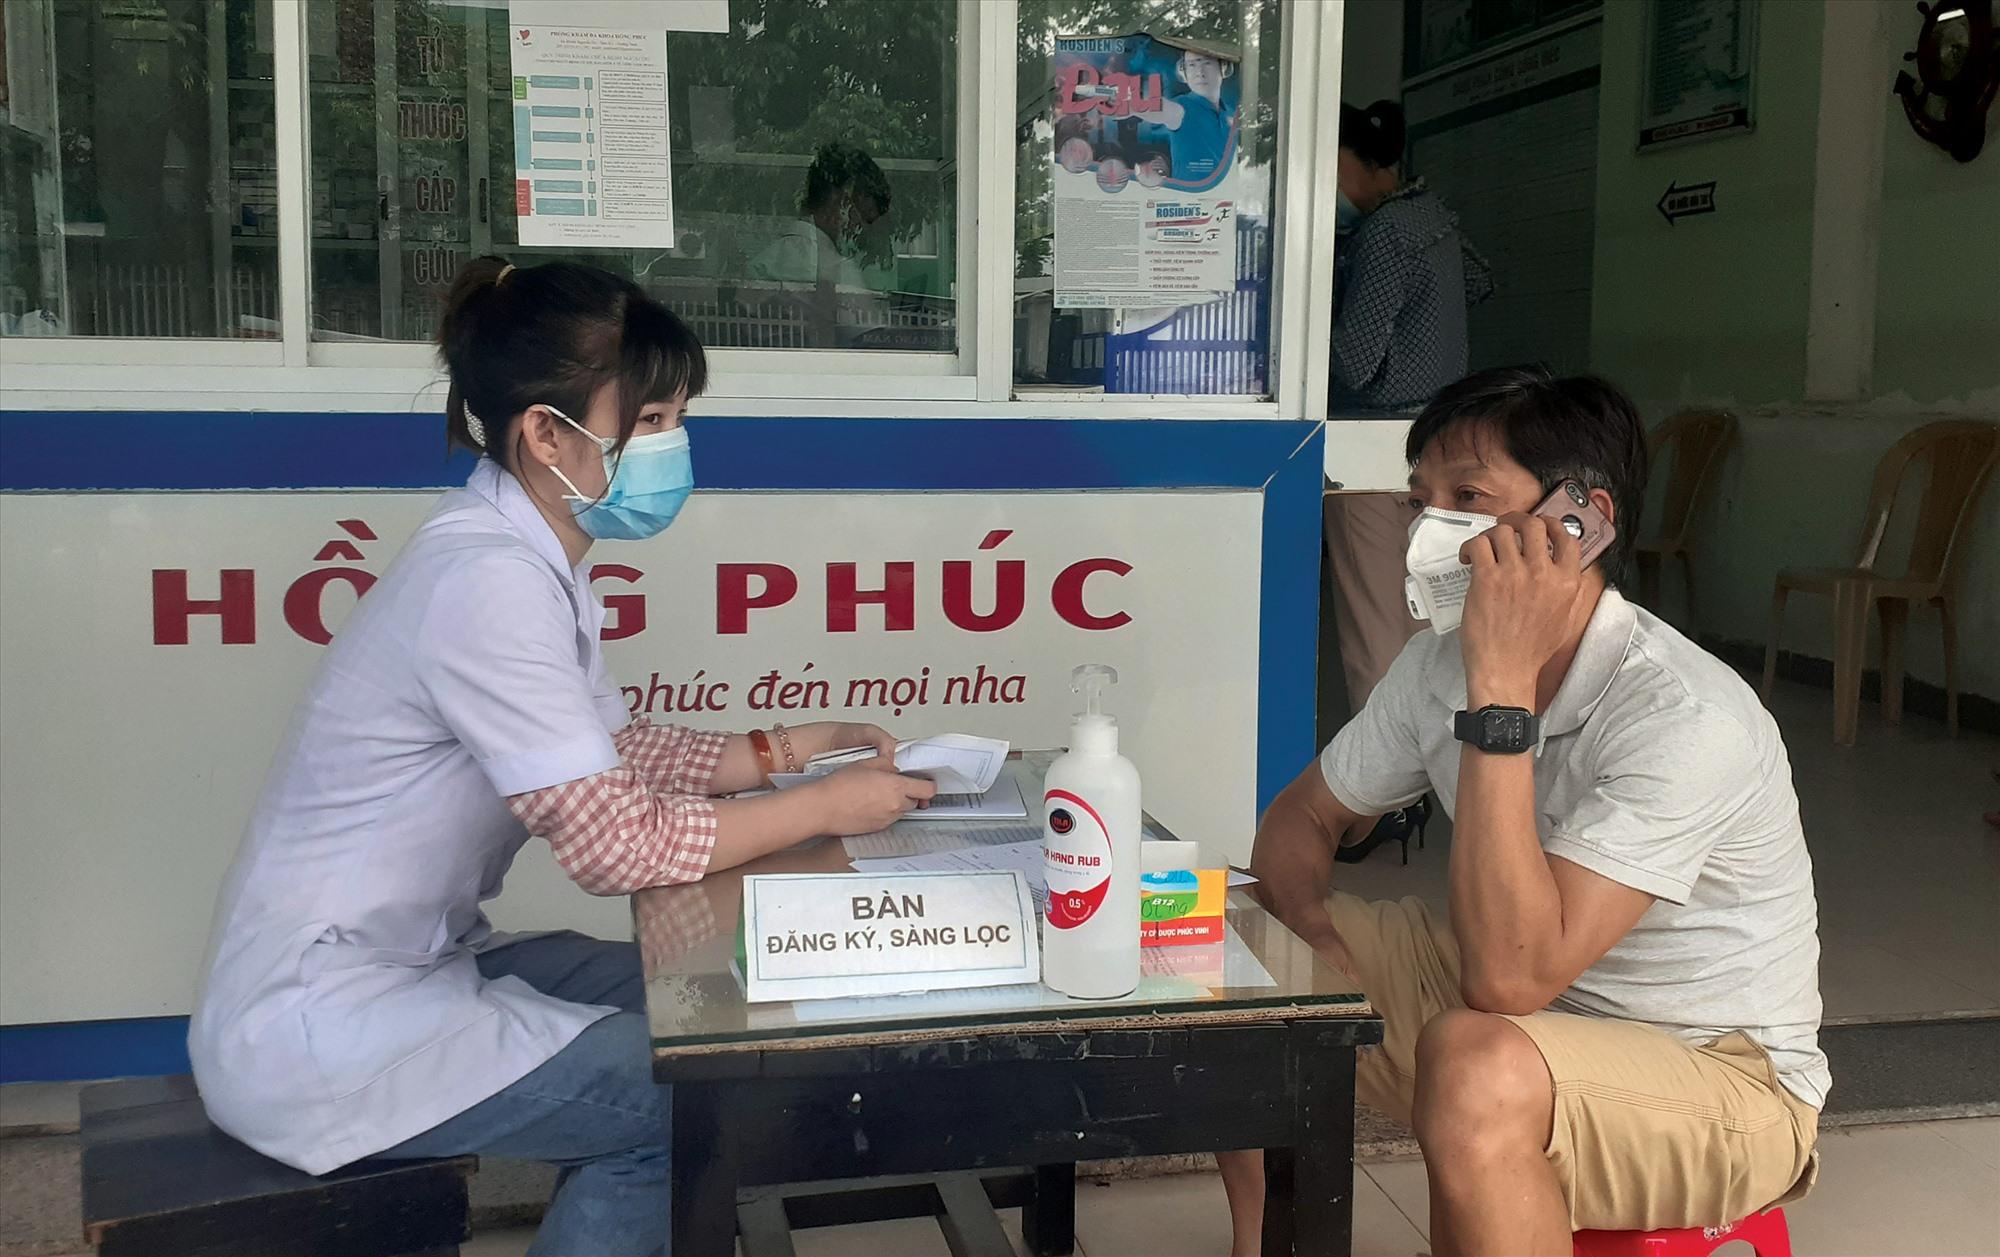 Các cơ sở y tế tư nhân yêu cầu người dân khai báo y tế khi đến khám chữa bệnh. Ảnh: X.H